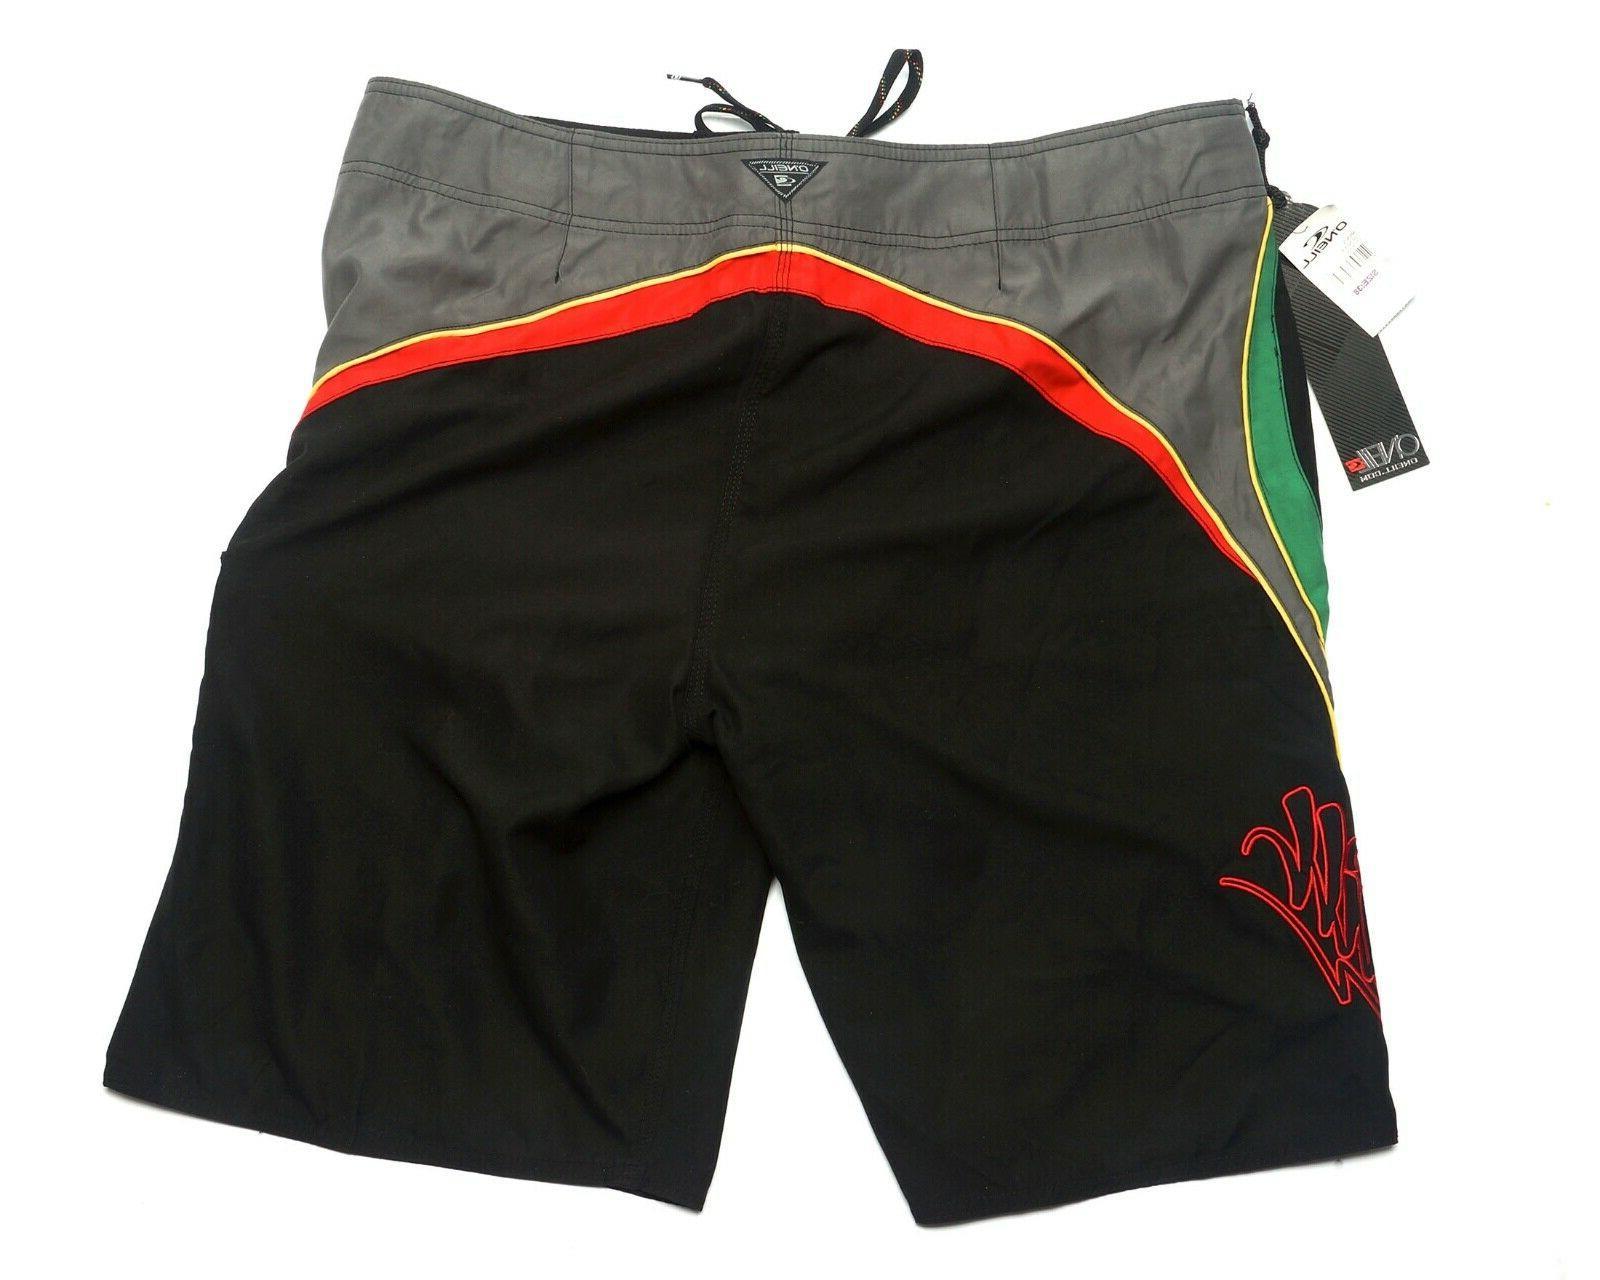 O'Neill Grinder Board Shorts 22 Inch Length NWT